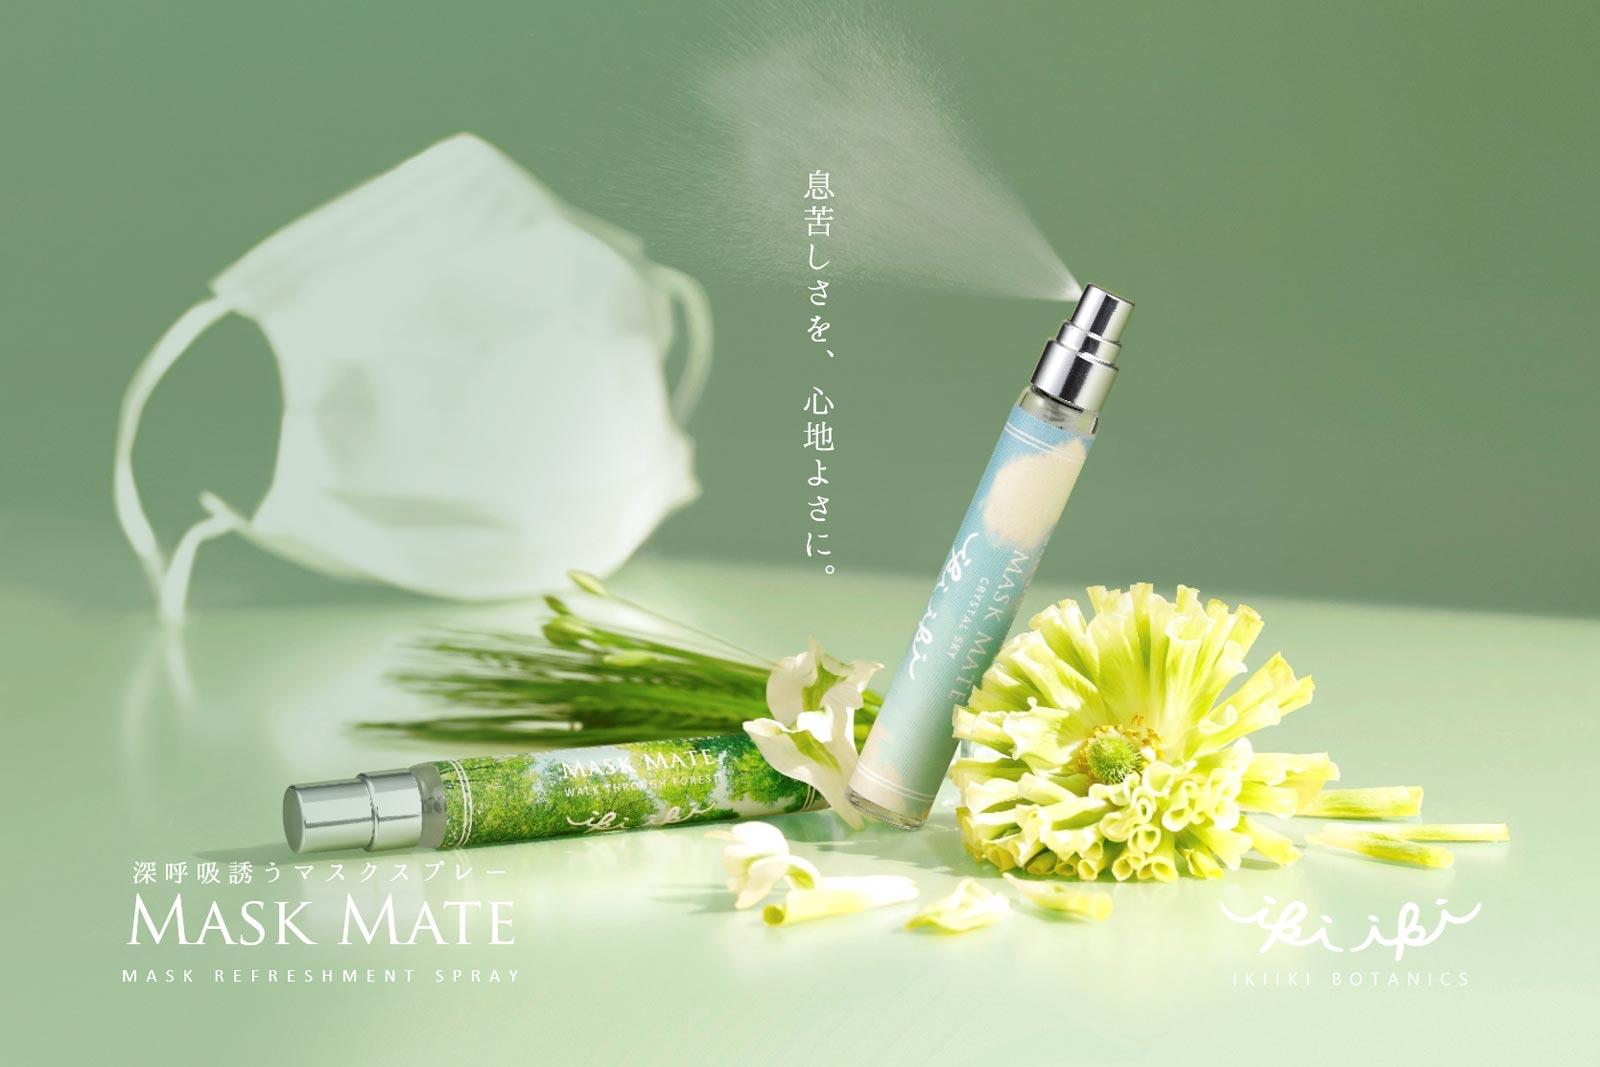 イキイキボタニクスから2つの香りのマスクスプレー「マスクメイト」が緊急発売!